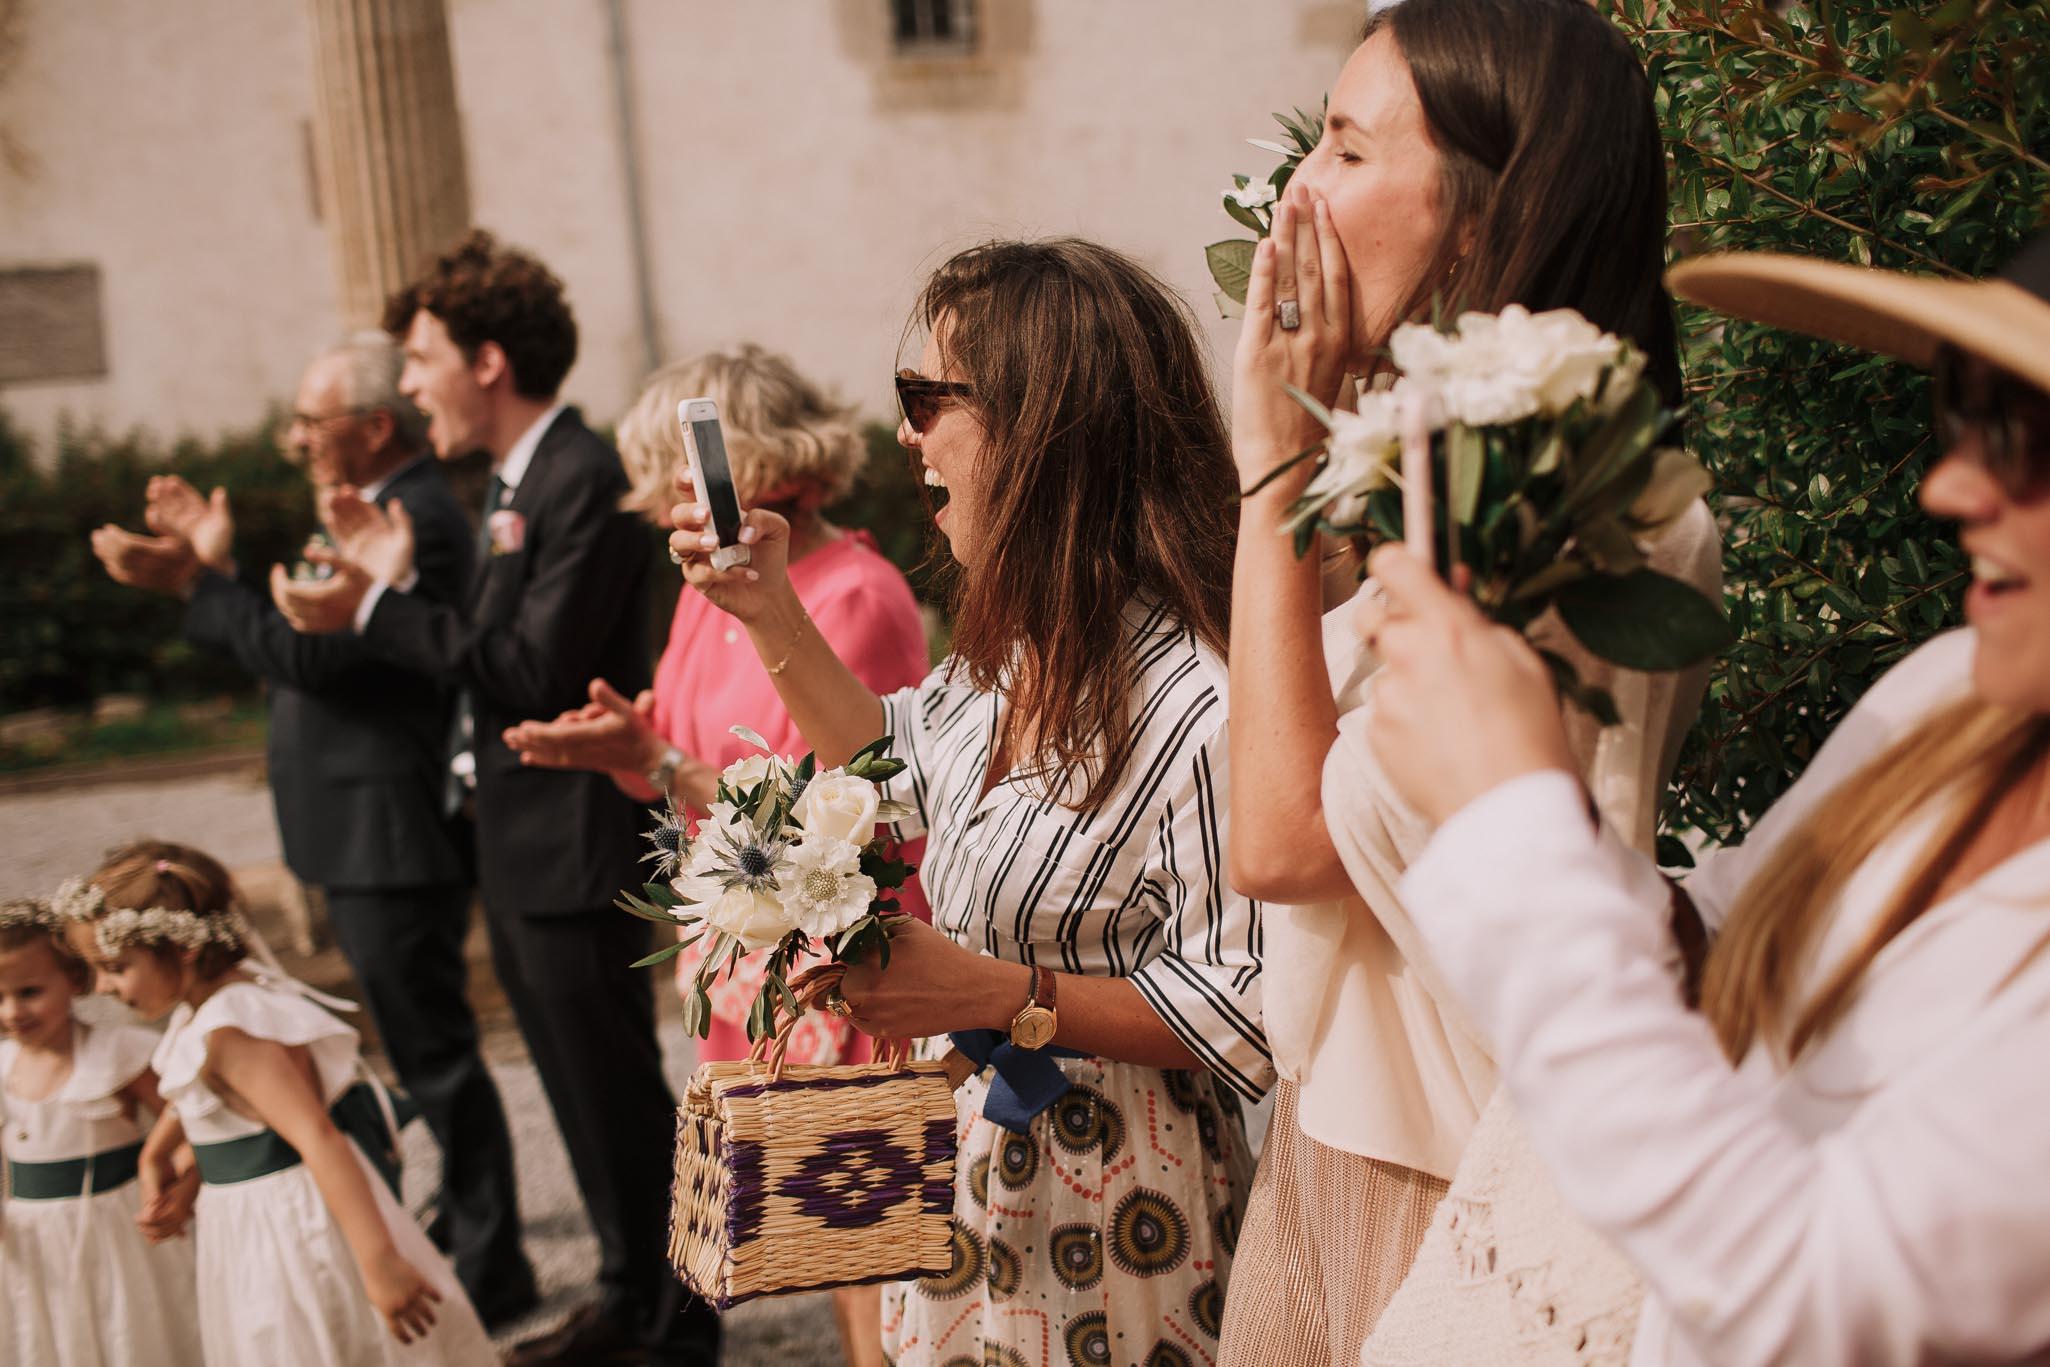 Photographe-mariage-bordeaux-jeremy-boyer-pays-basque-ihartze-artea-sare-robe-eleonore-pauc-couple-amour-78.jpg